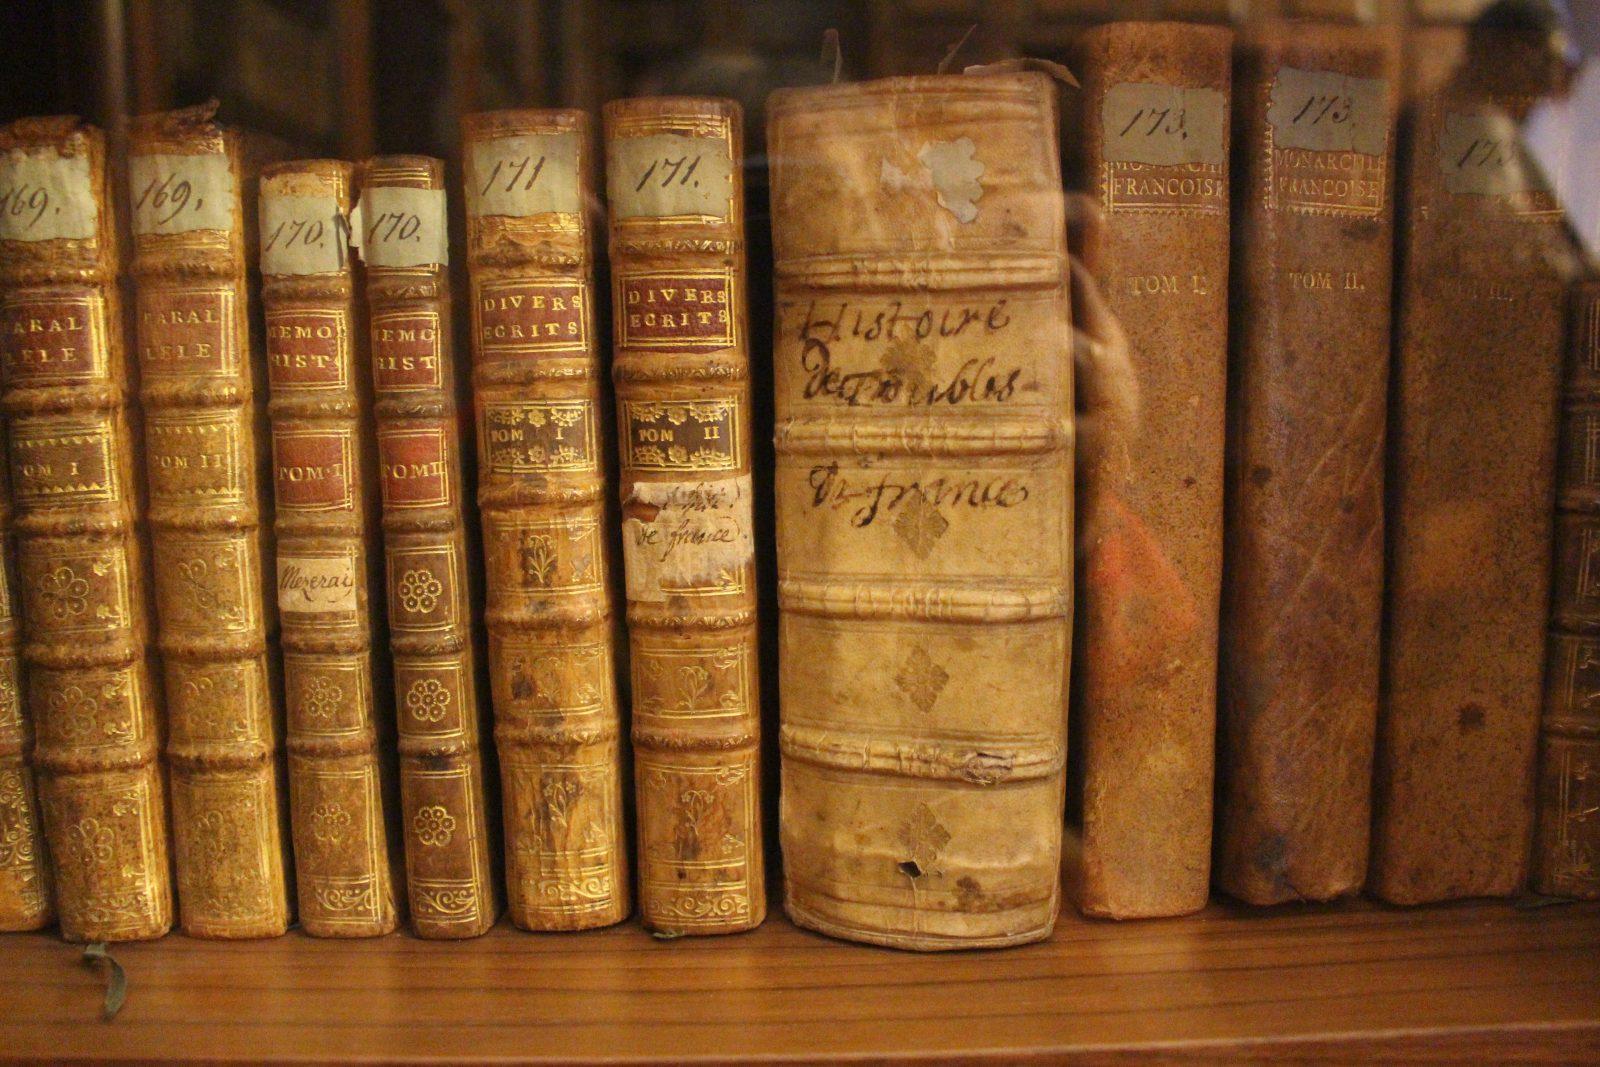 Saint-petersbourg livres de Bibliothèque de Voltaire